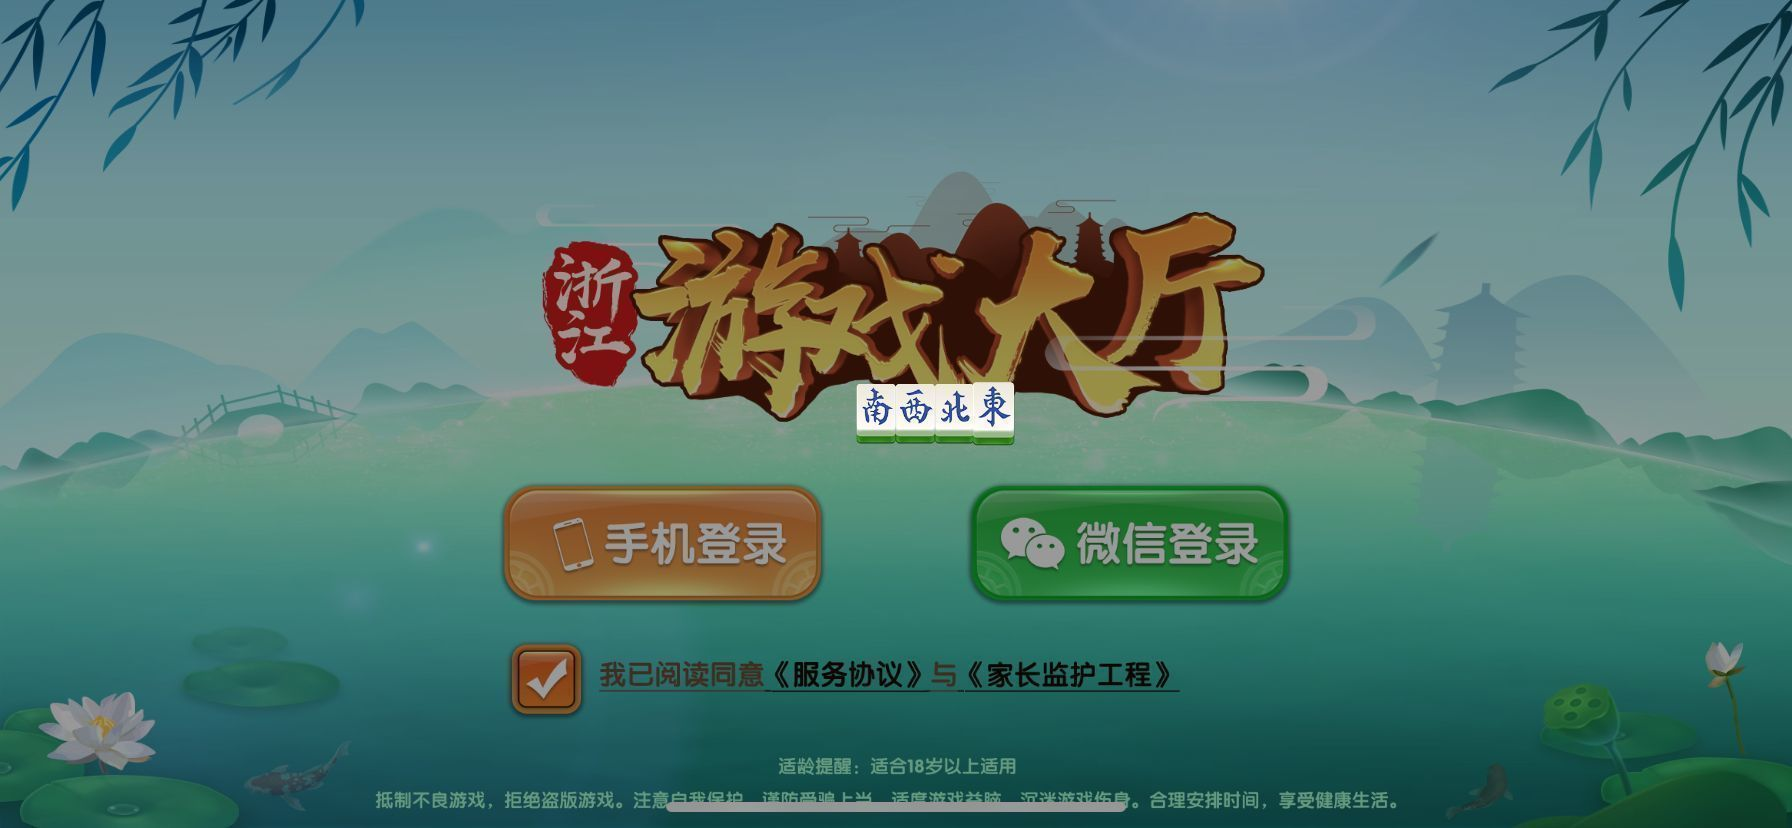 浙江游戏大厅温州熟客麻将 v1.0.2